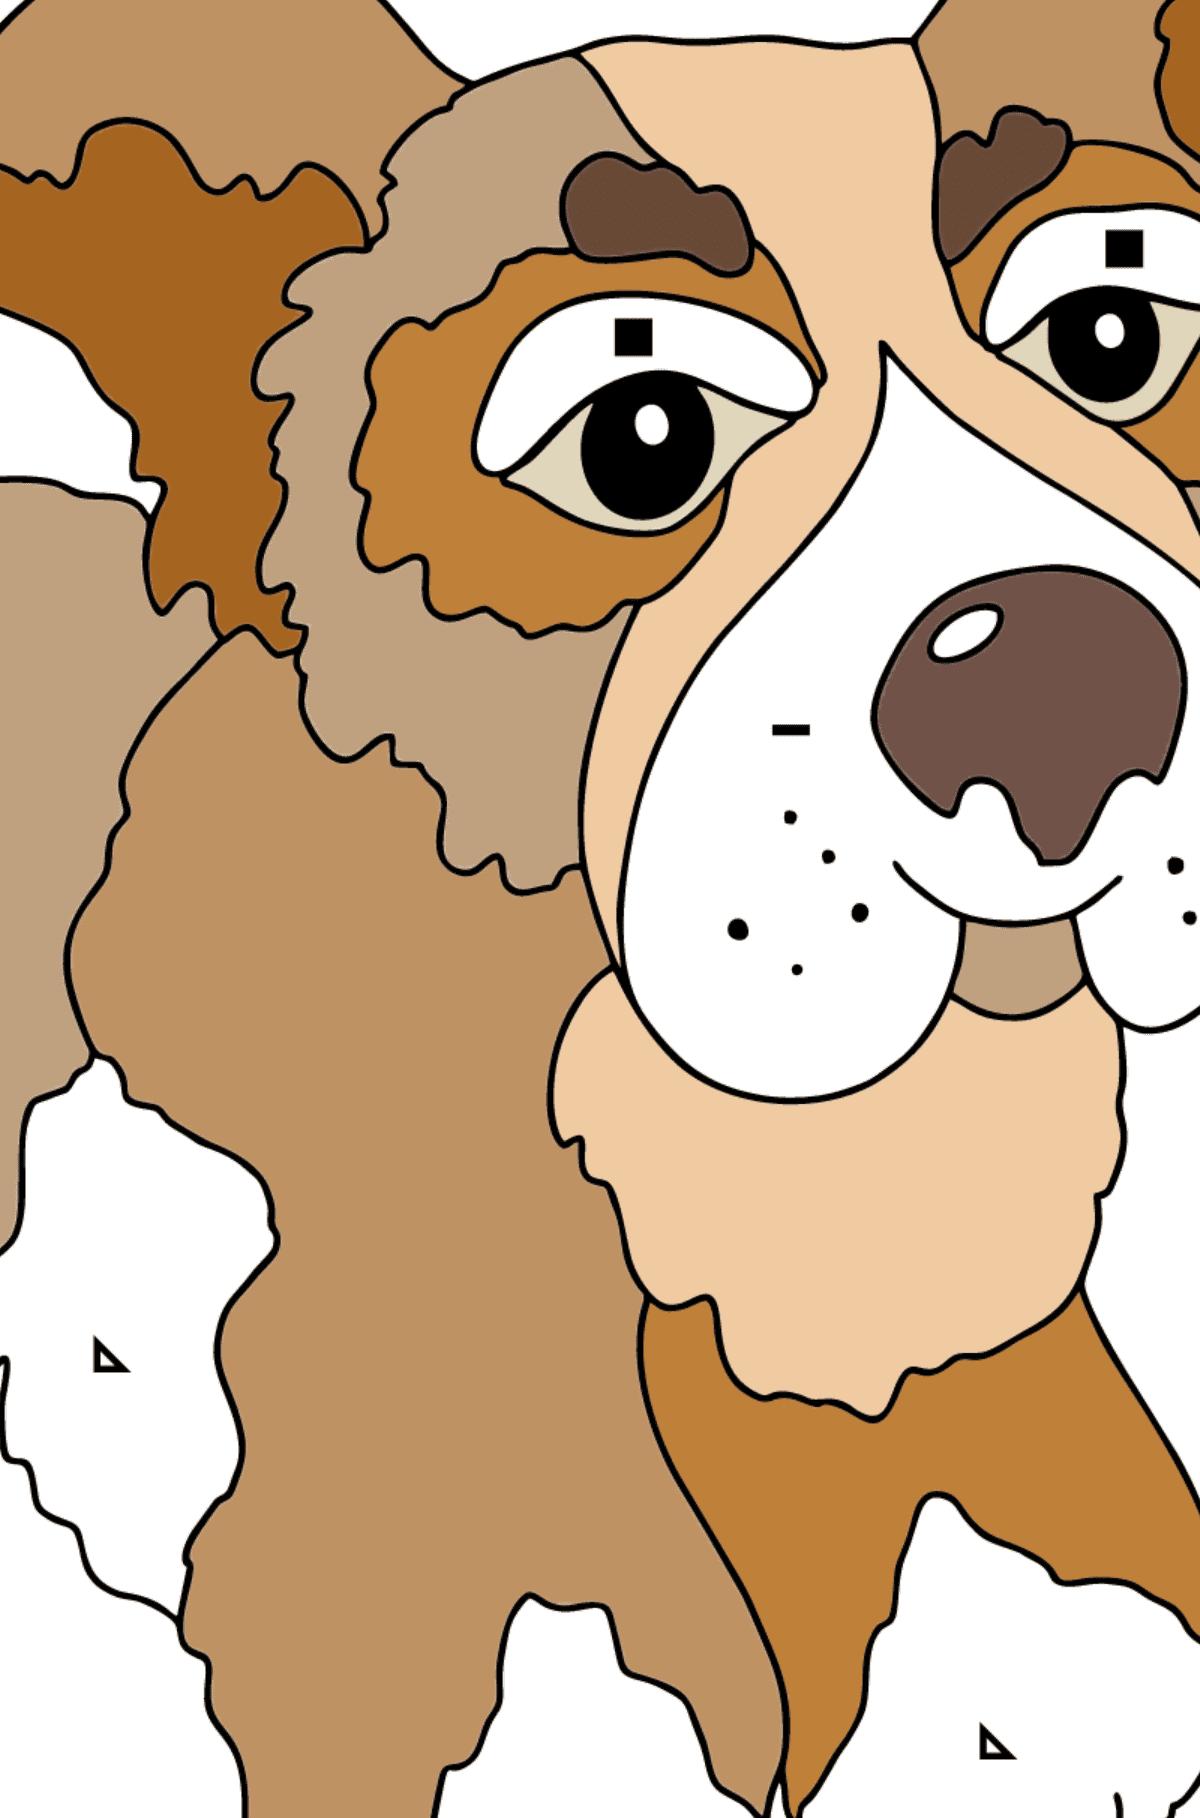 Página para Colorear - Un Perro Jugando con una Pelota